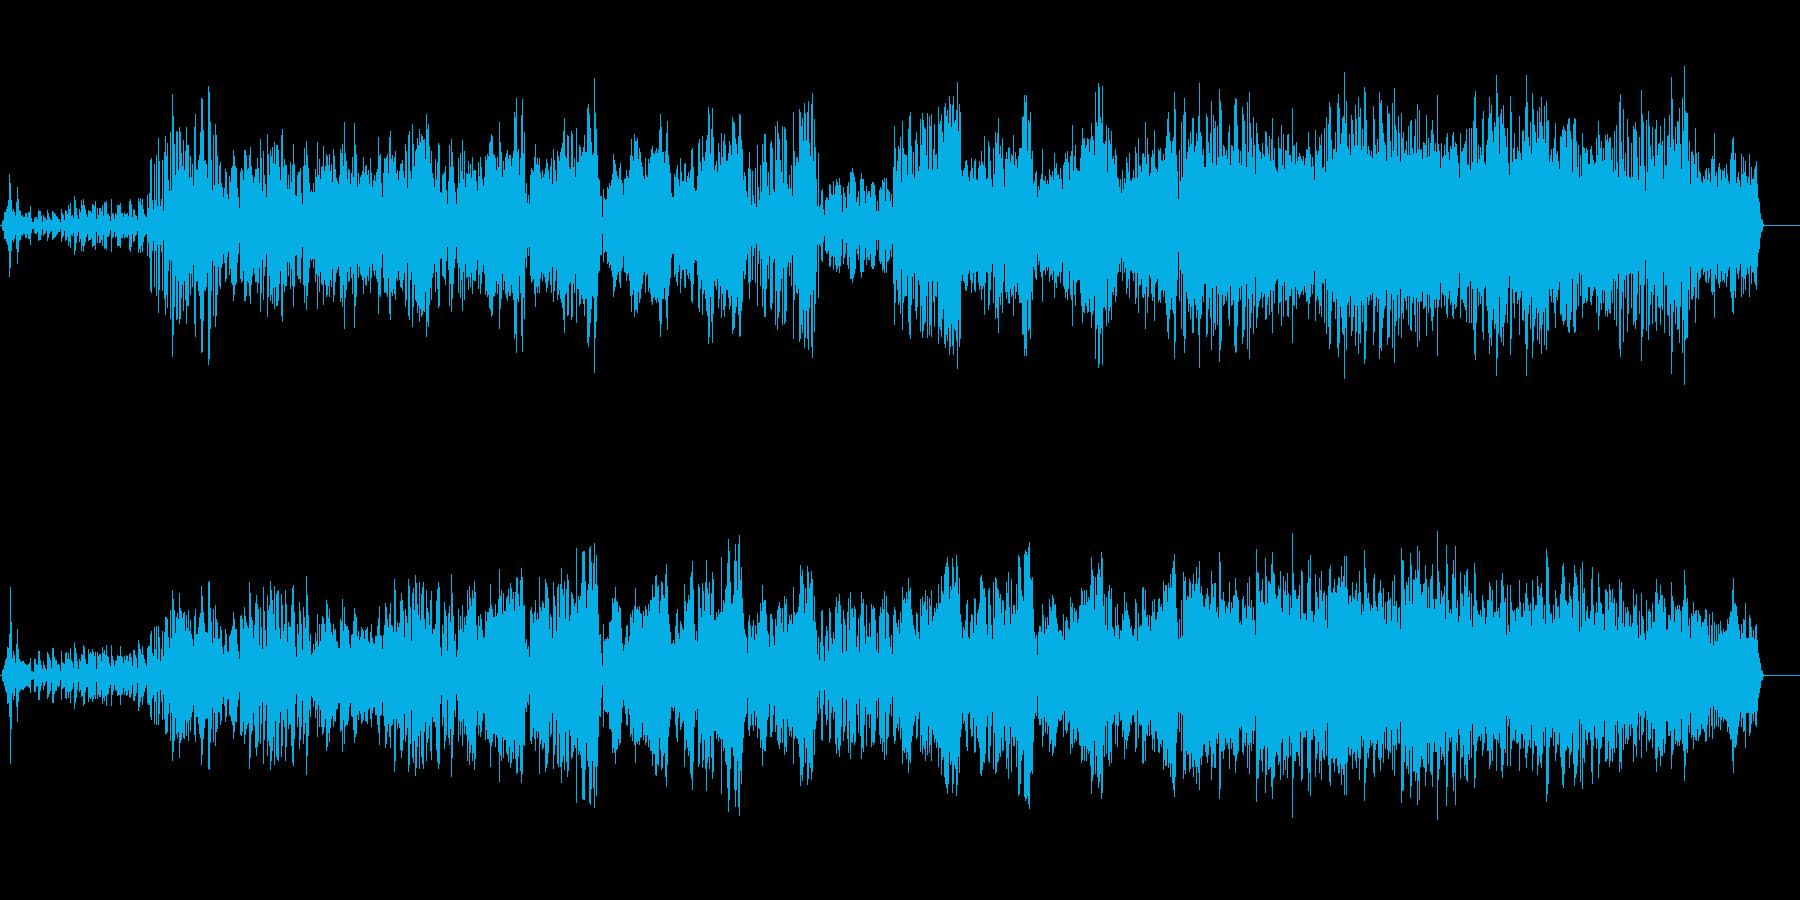 夜更けの近未来型アーバンビートポップの再生済みの波形